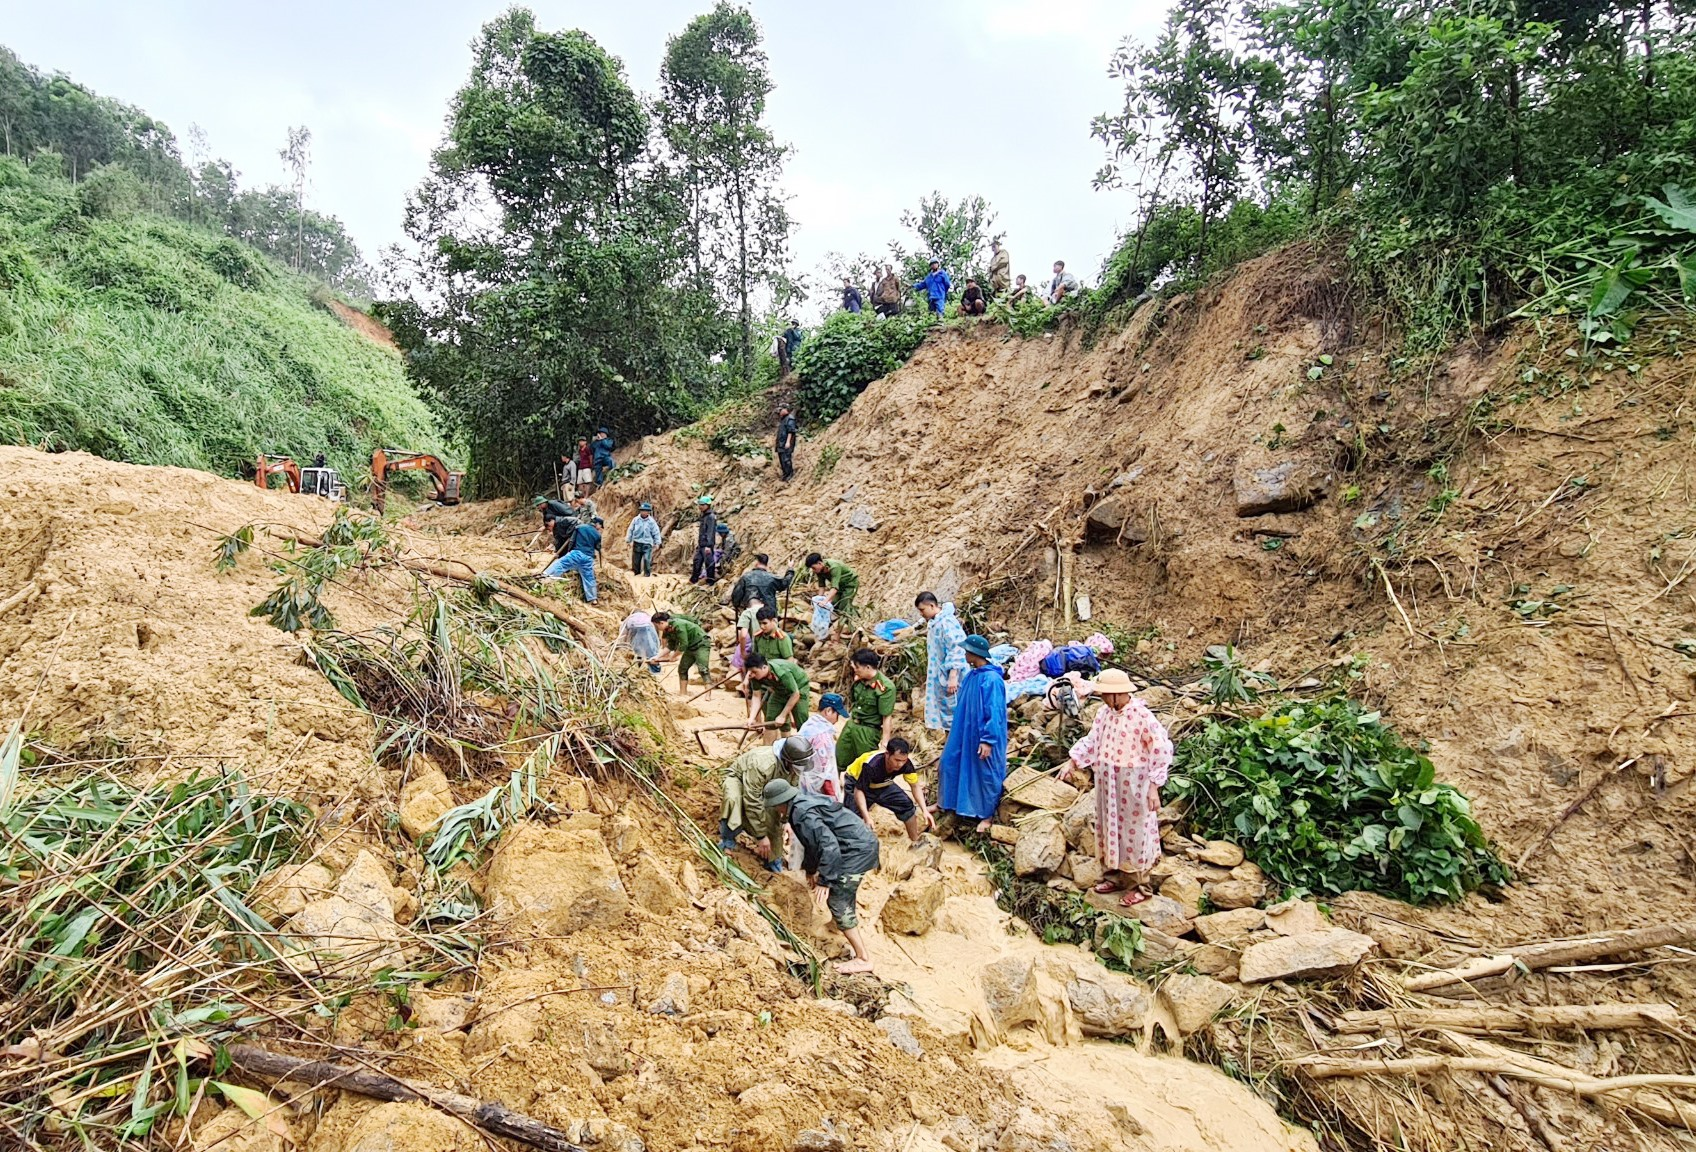 Các lực lượng tìm kiếm nạn nhân bị mất tích do sạt lở taluy dương QL40B qua xã Trà Tân (Bắc Trà My). Ảnh: C.T